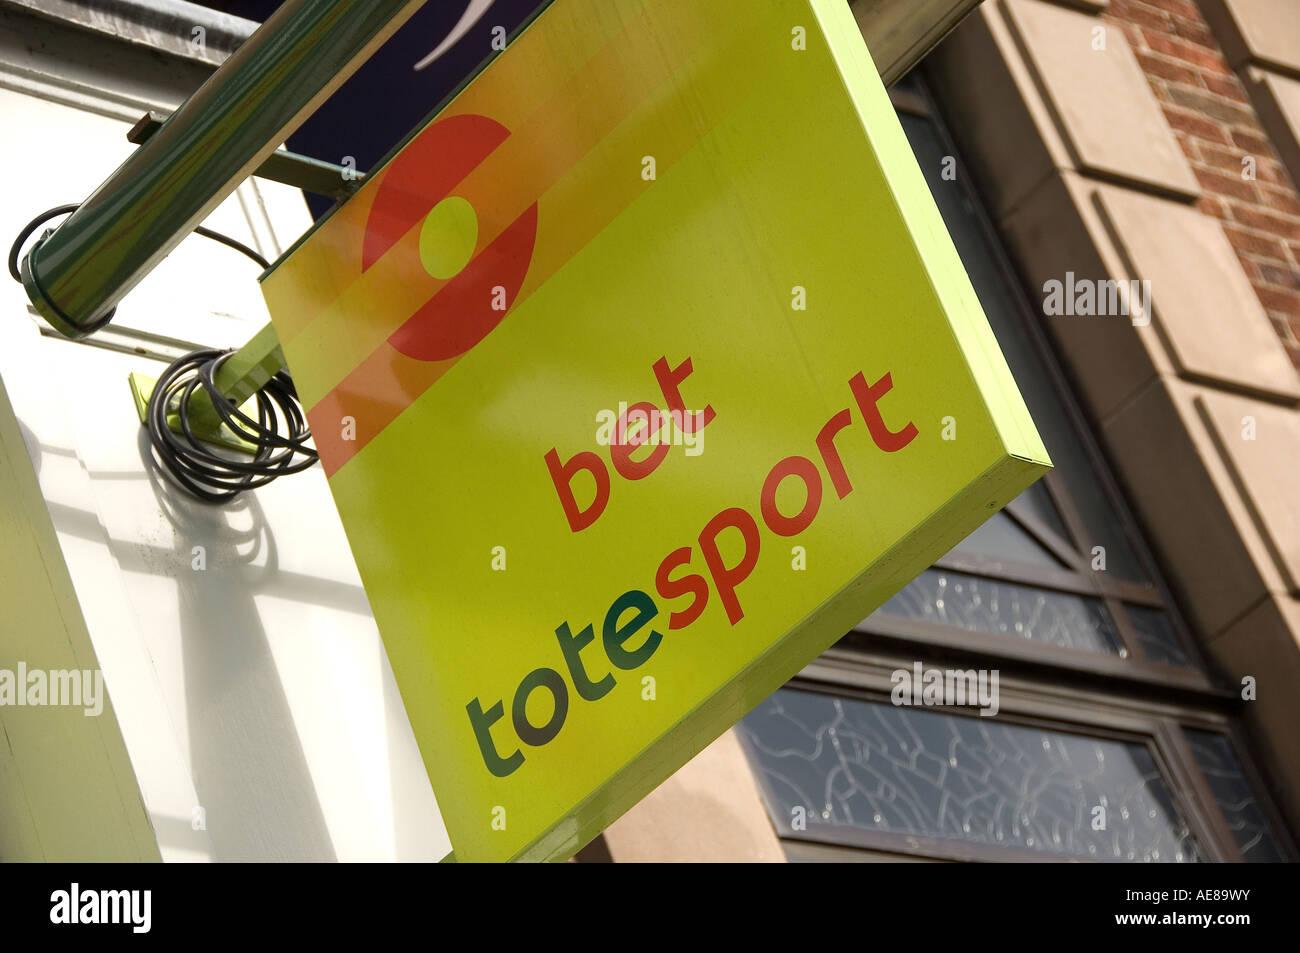 Totesport mobile betting station ingyen csgo skin betting